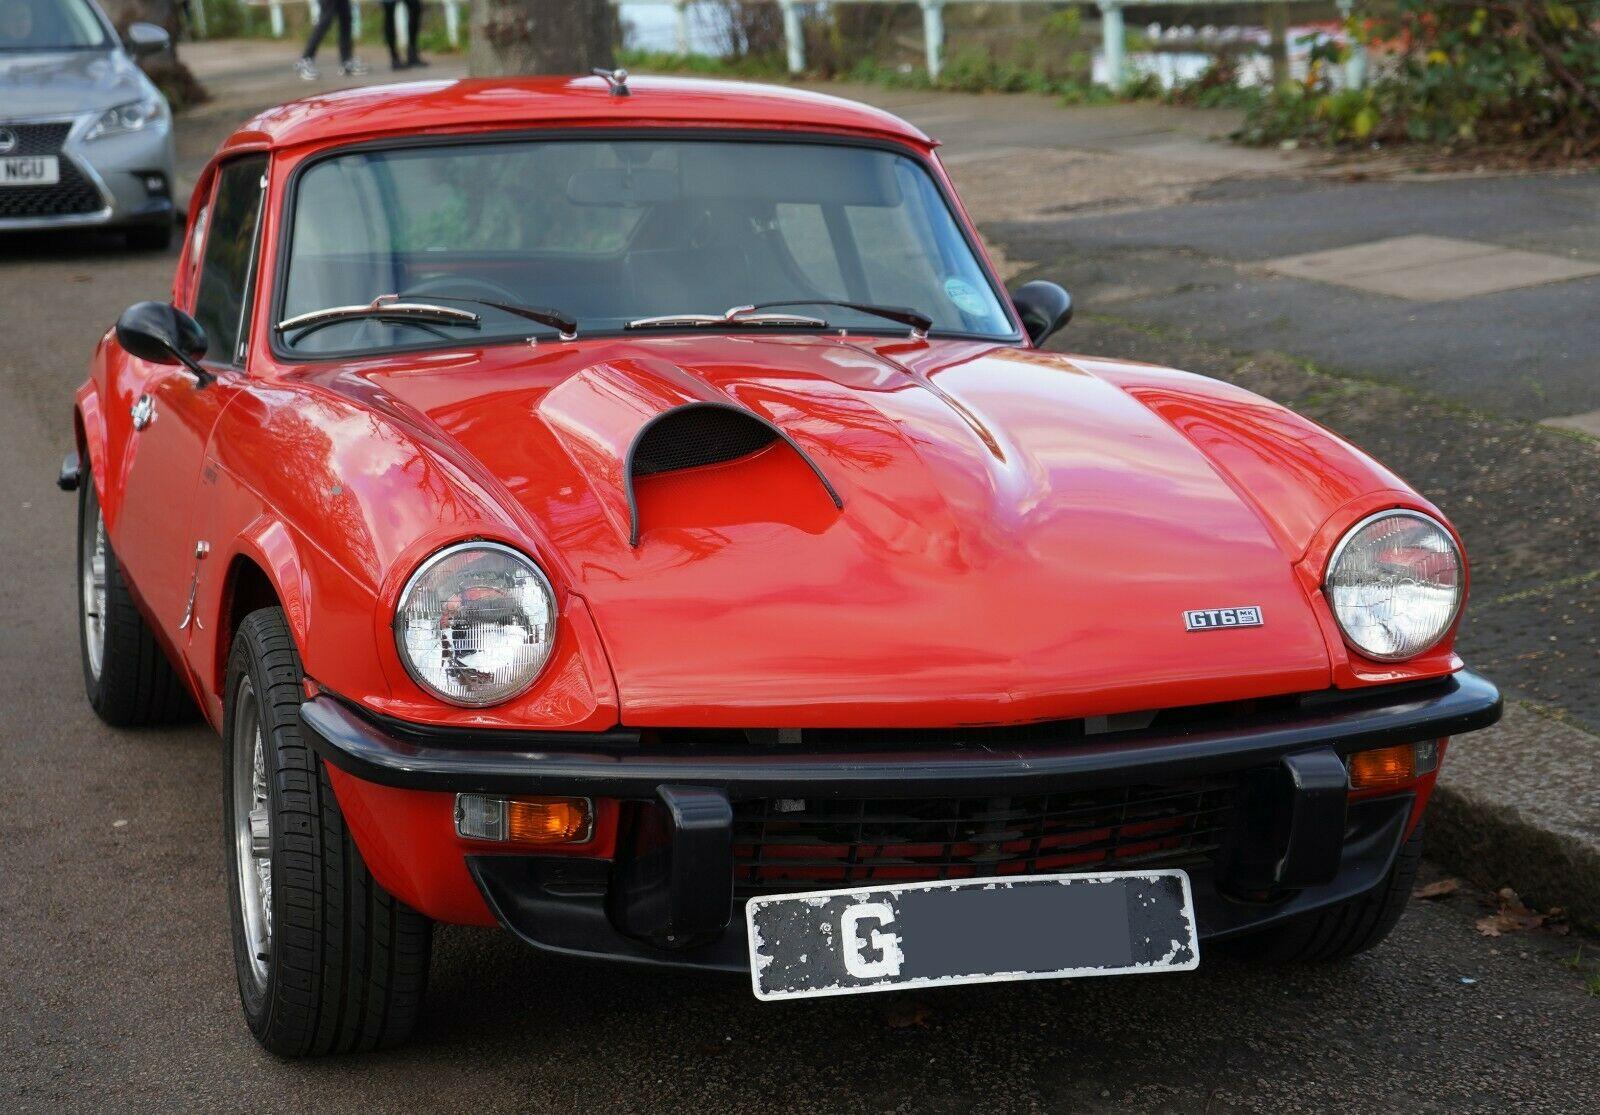 YMワークス東日本.横浜.サテライト店|特選輸入車Vol.3|1972 Triumph GT6 Mk3 ライトチューン(中古車)乗り出し:¥2,880,000